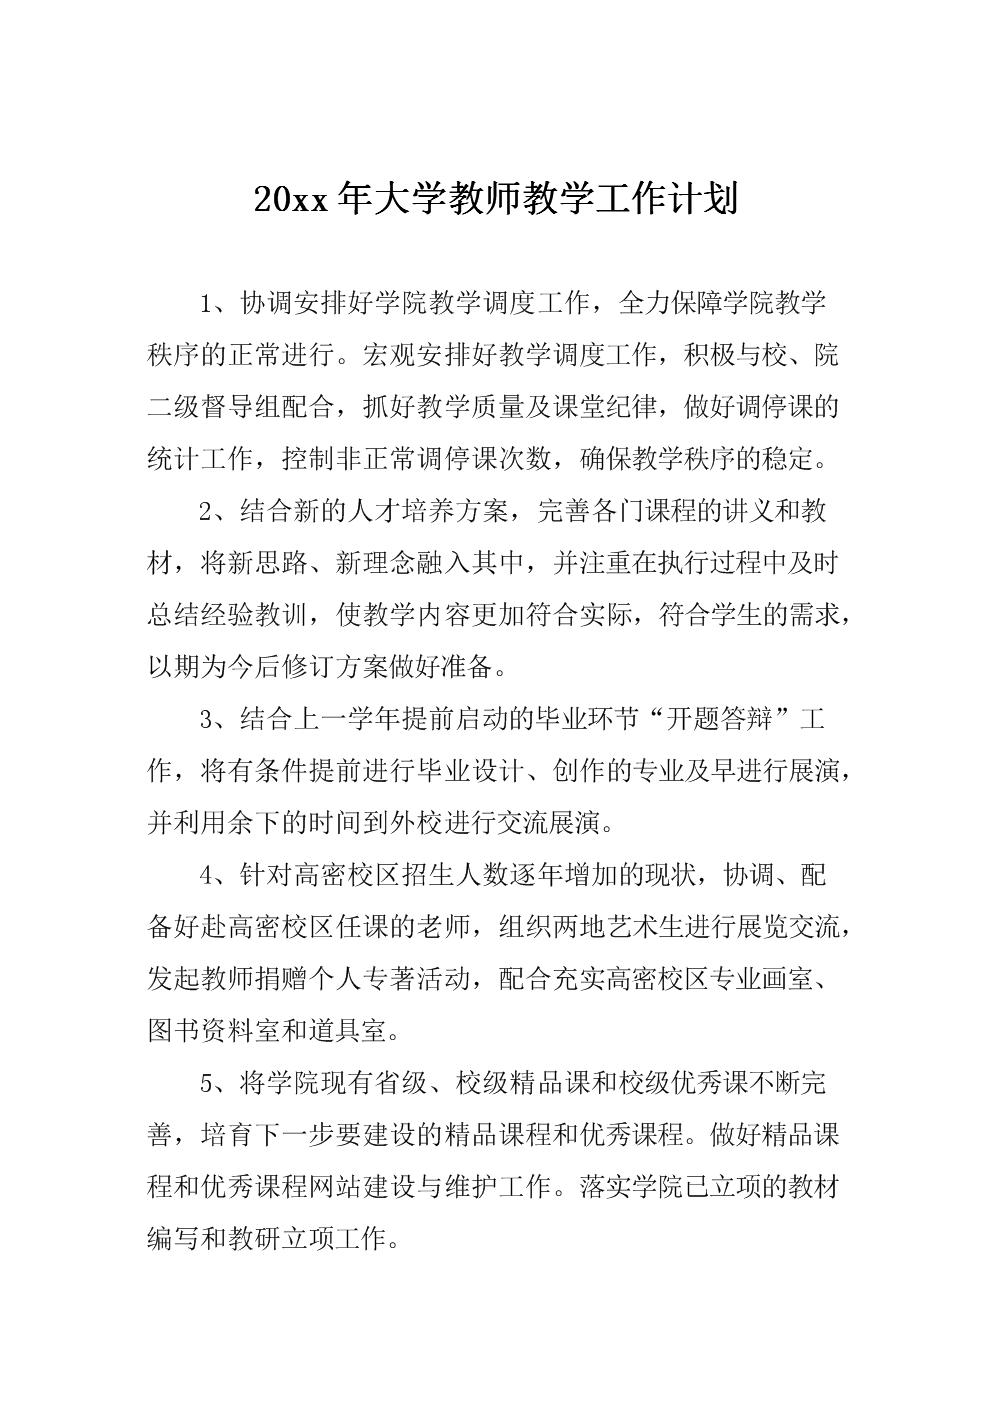 大学教师教学工作计划.doc